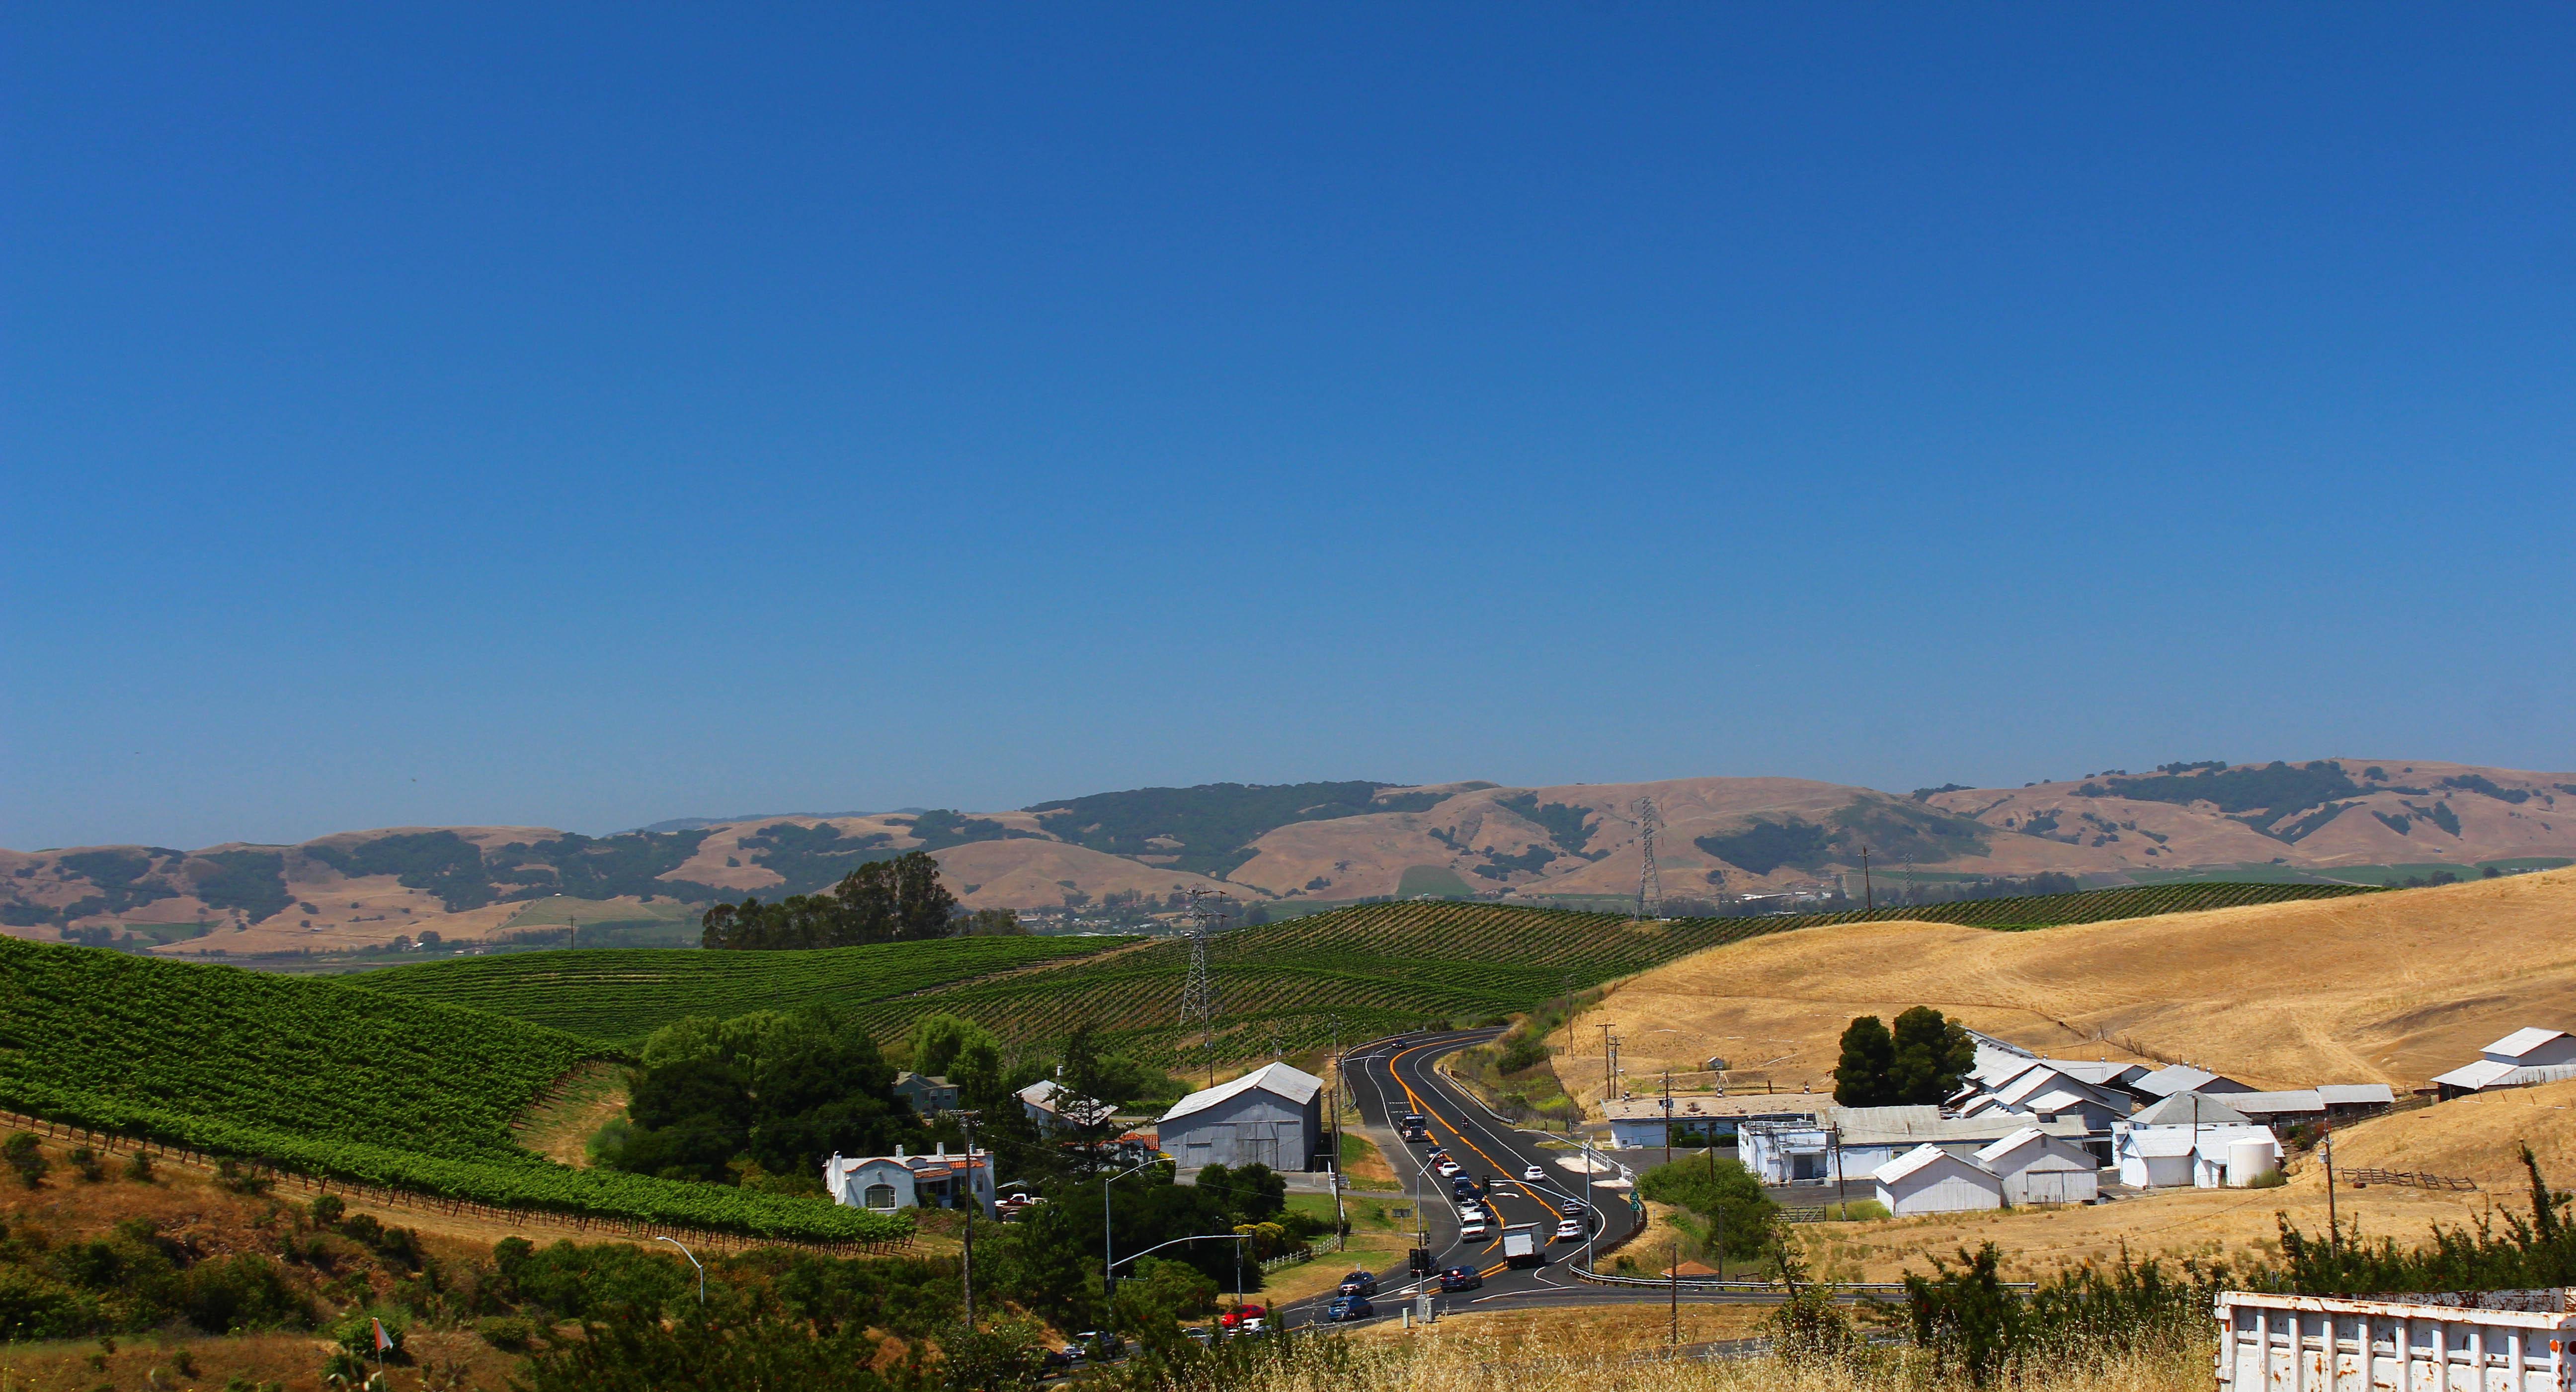 nicholson ranch california wine tour